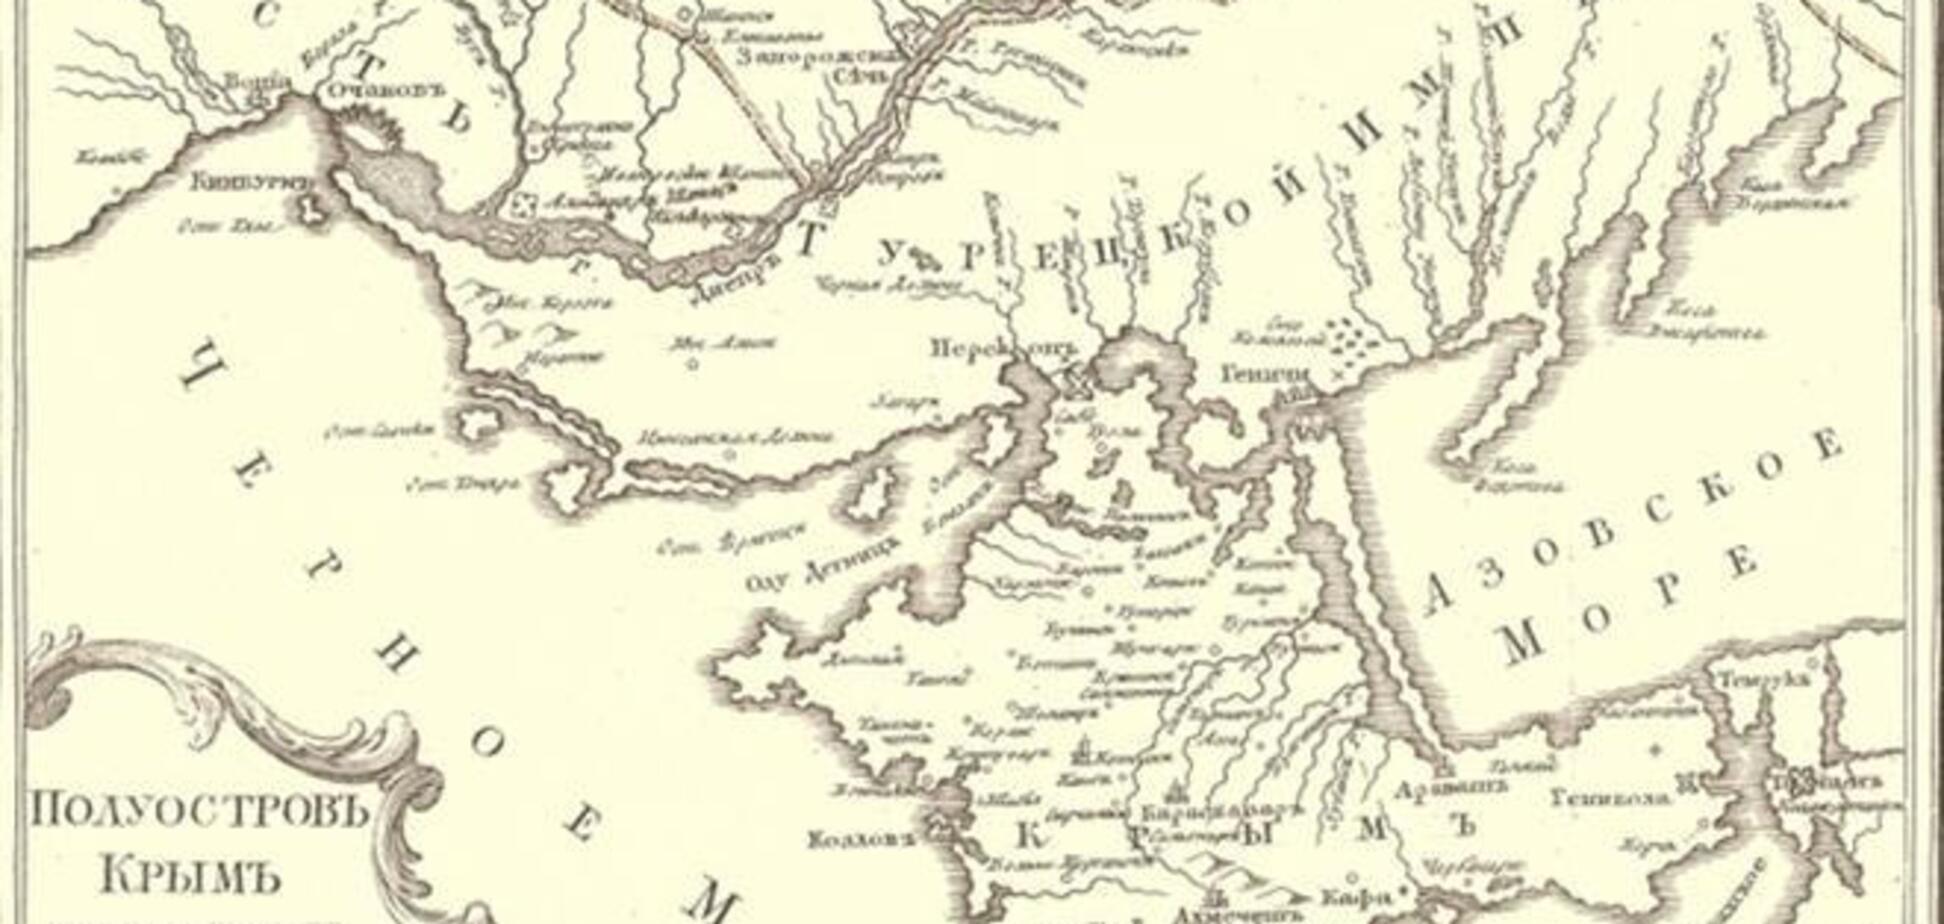 Історія Криму: чий насправді півострів